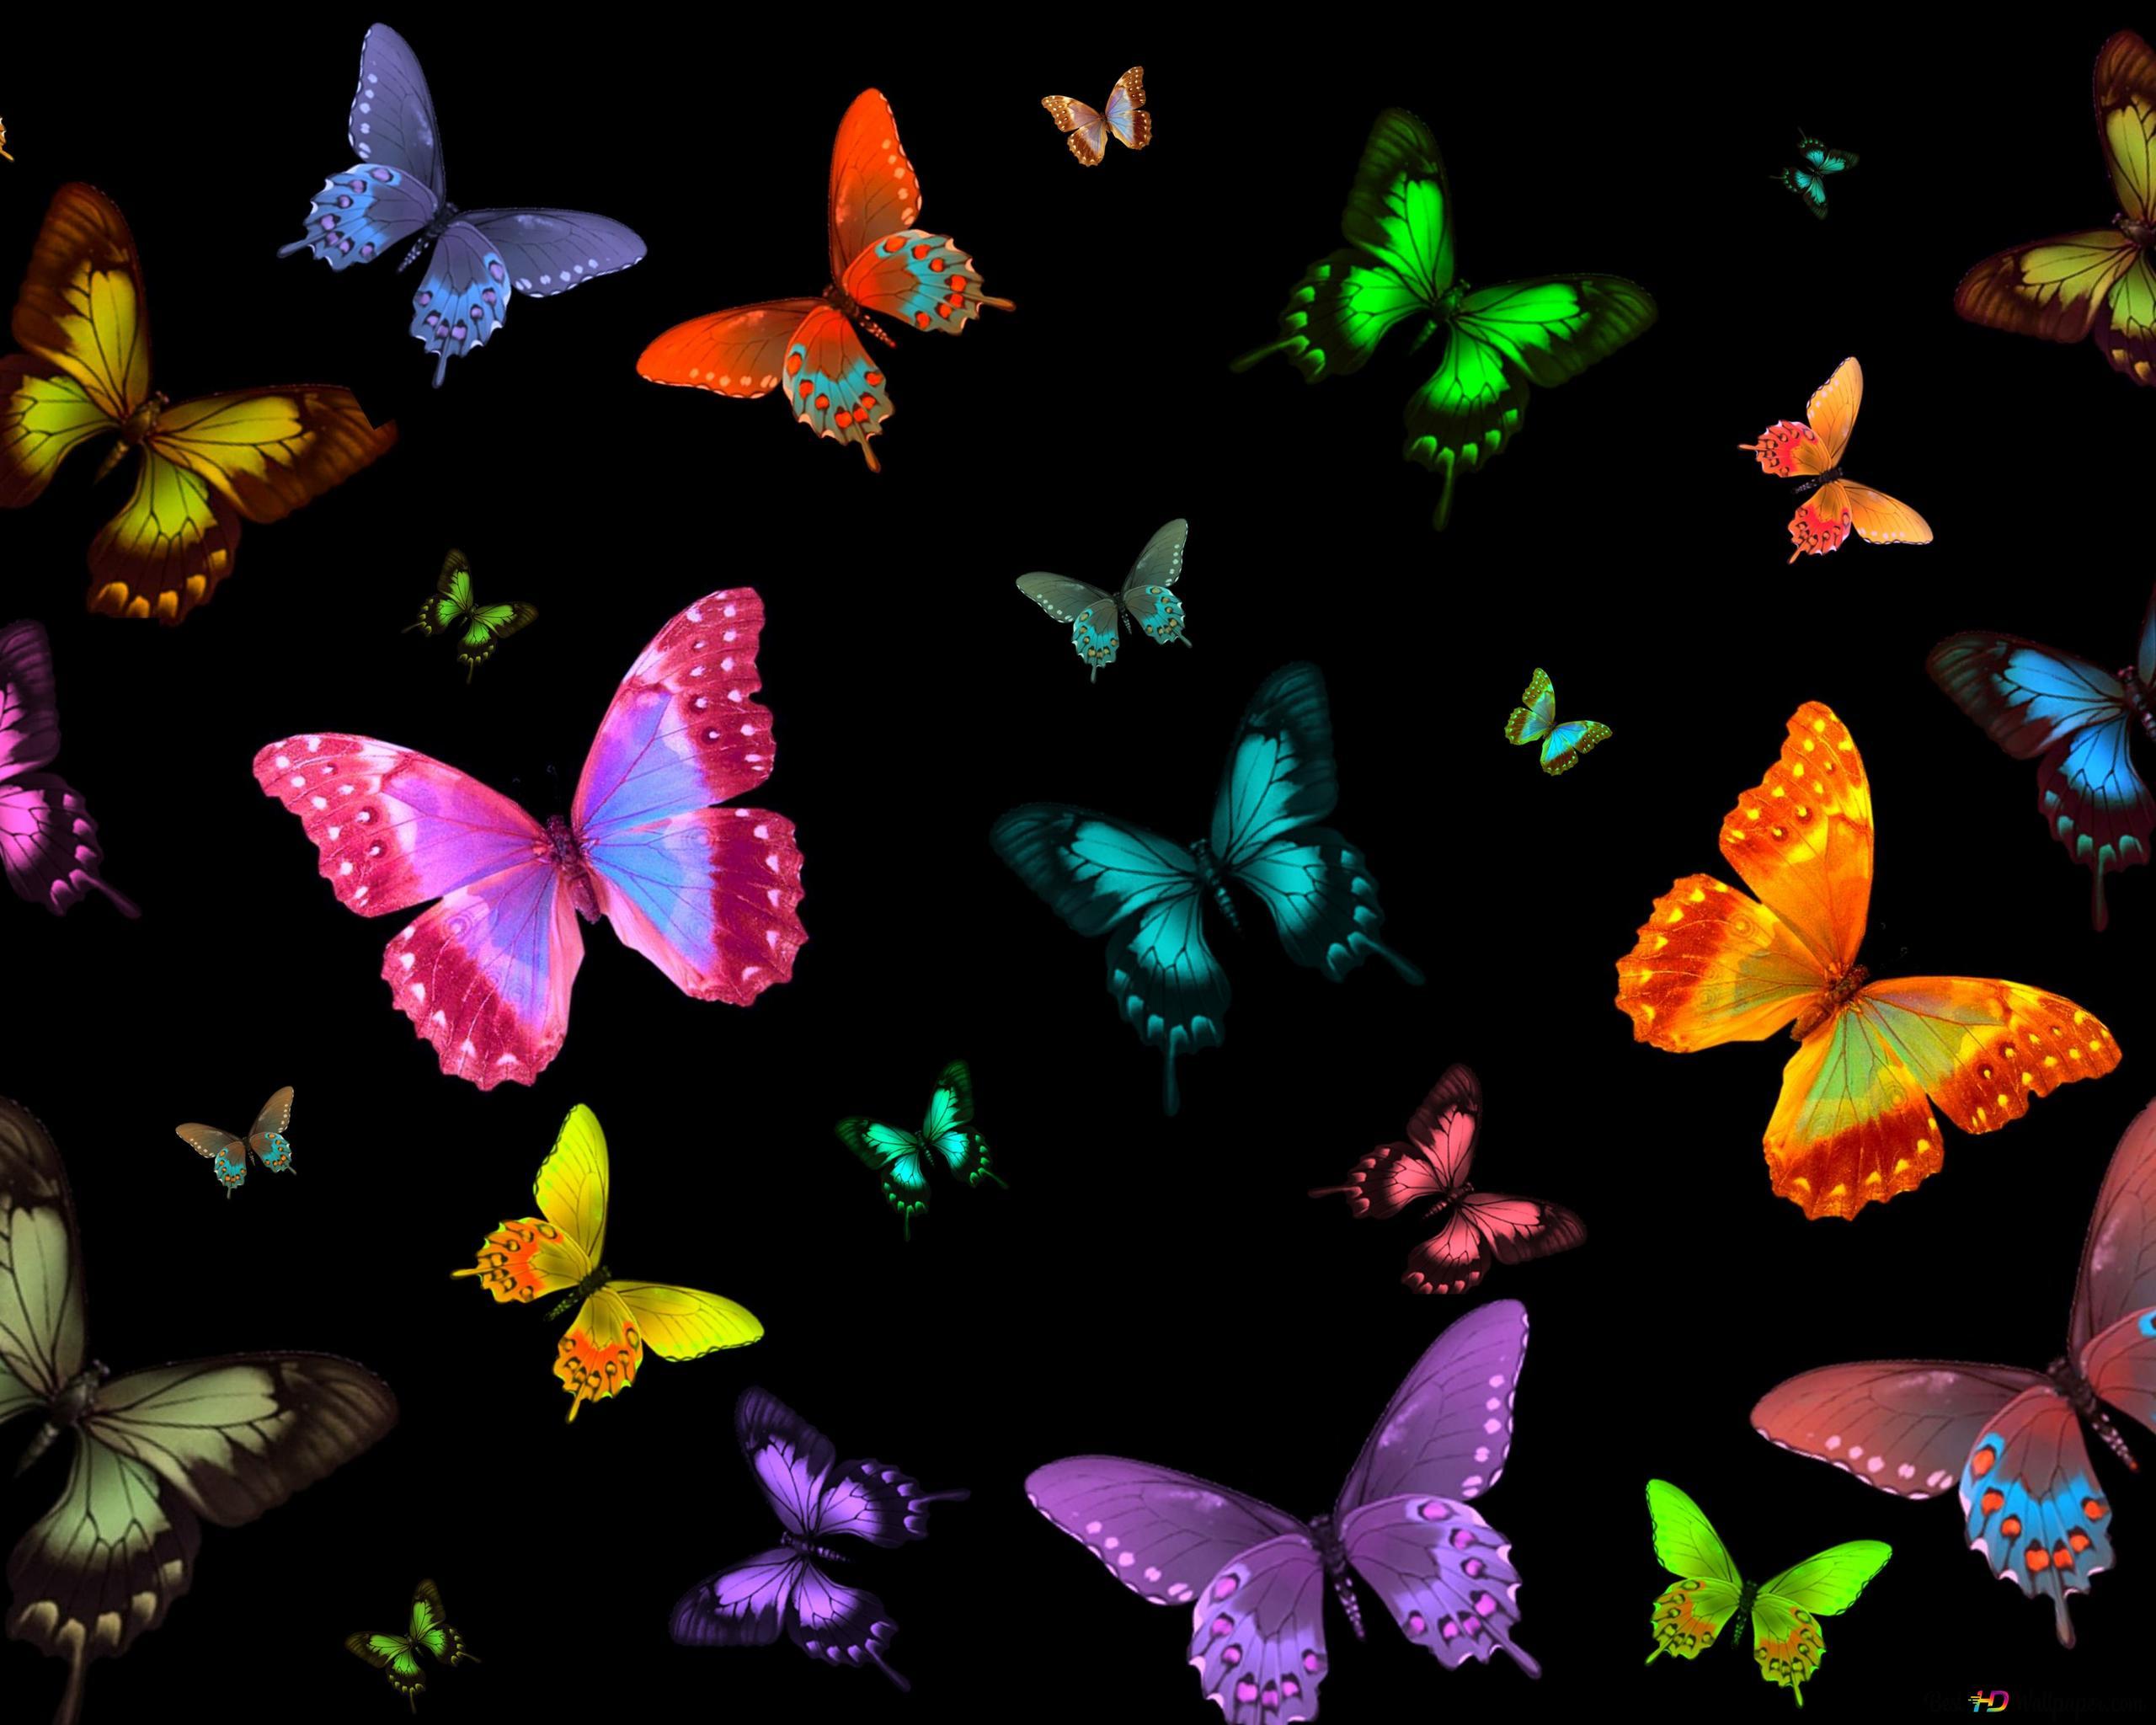 许多彩蝶高清壁纸下载